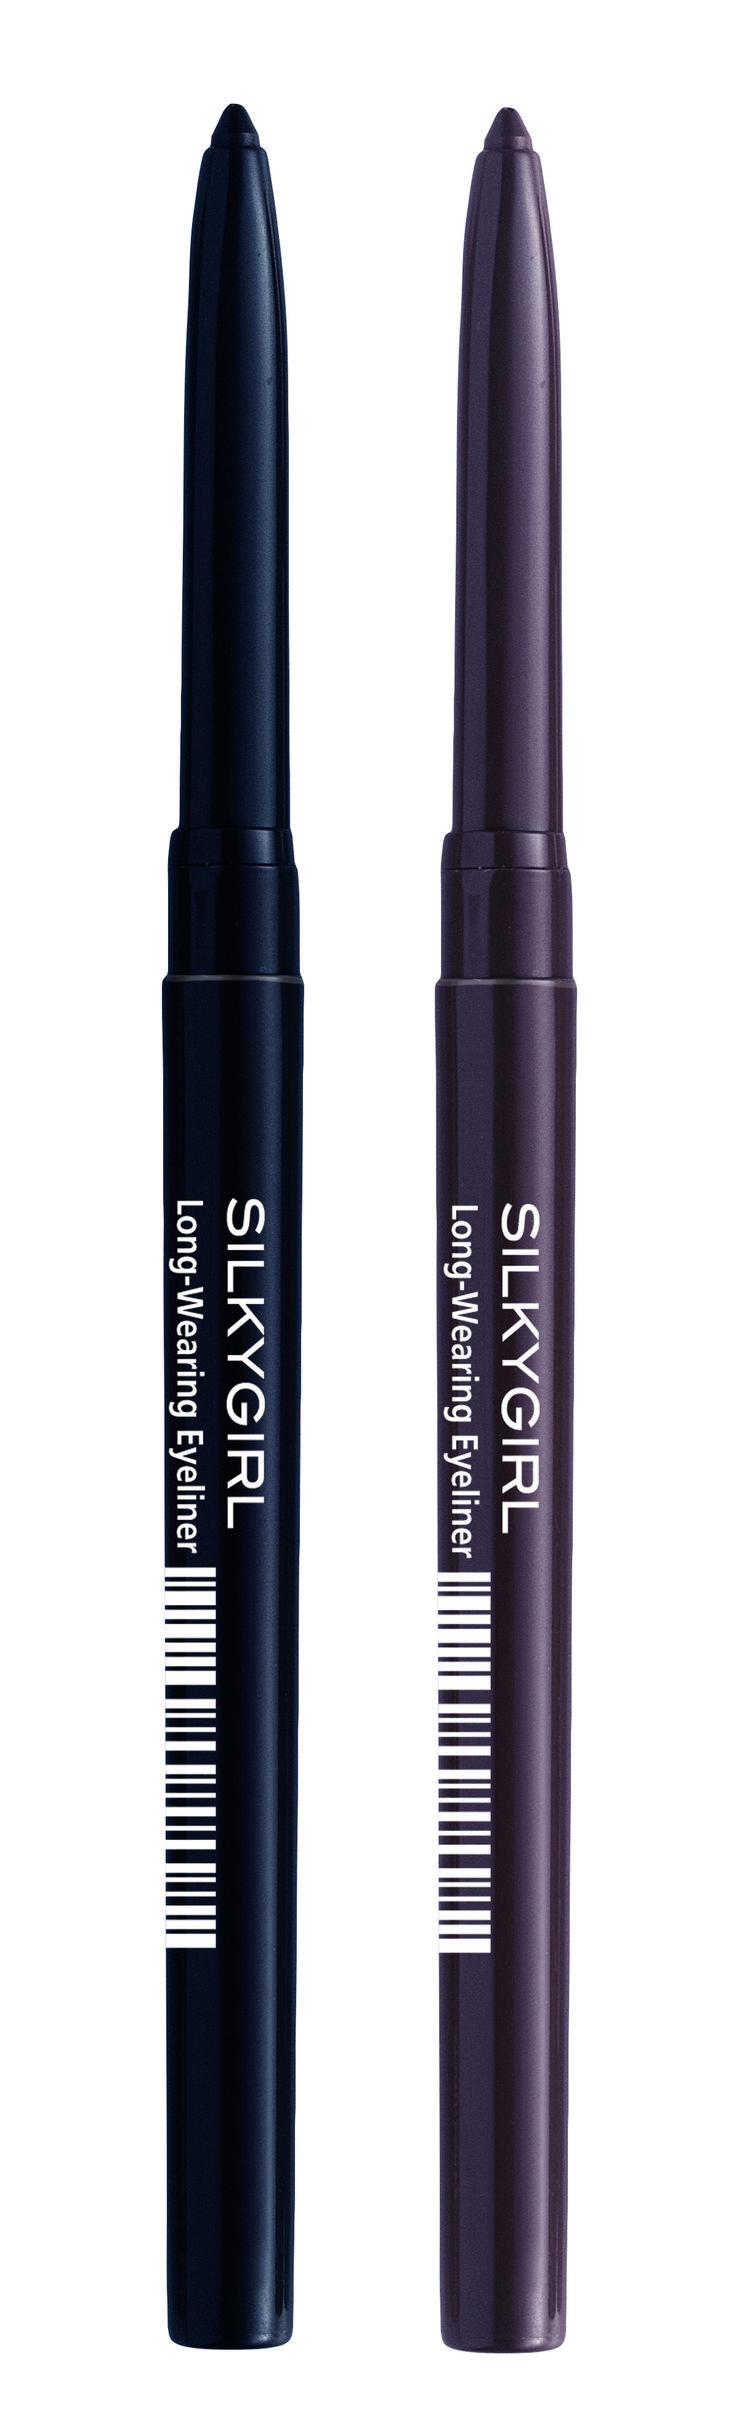 LONG WEARING EYELINER - SILKYGIRL - Waterproof, long last and no fragrance